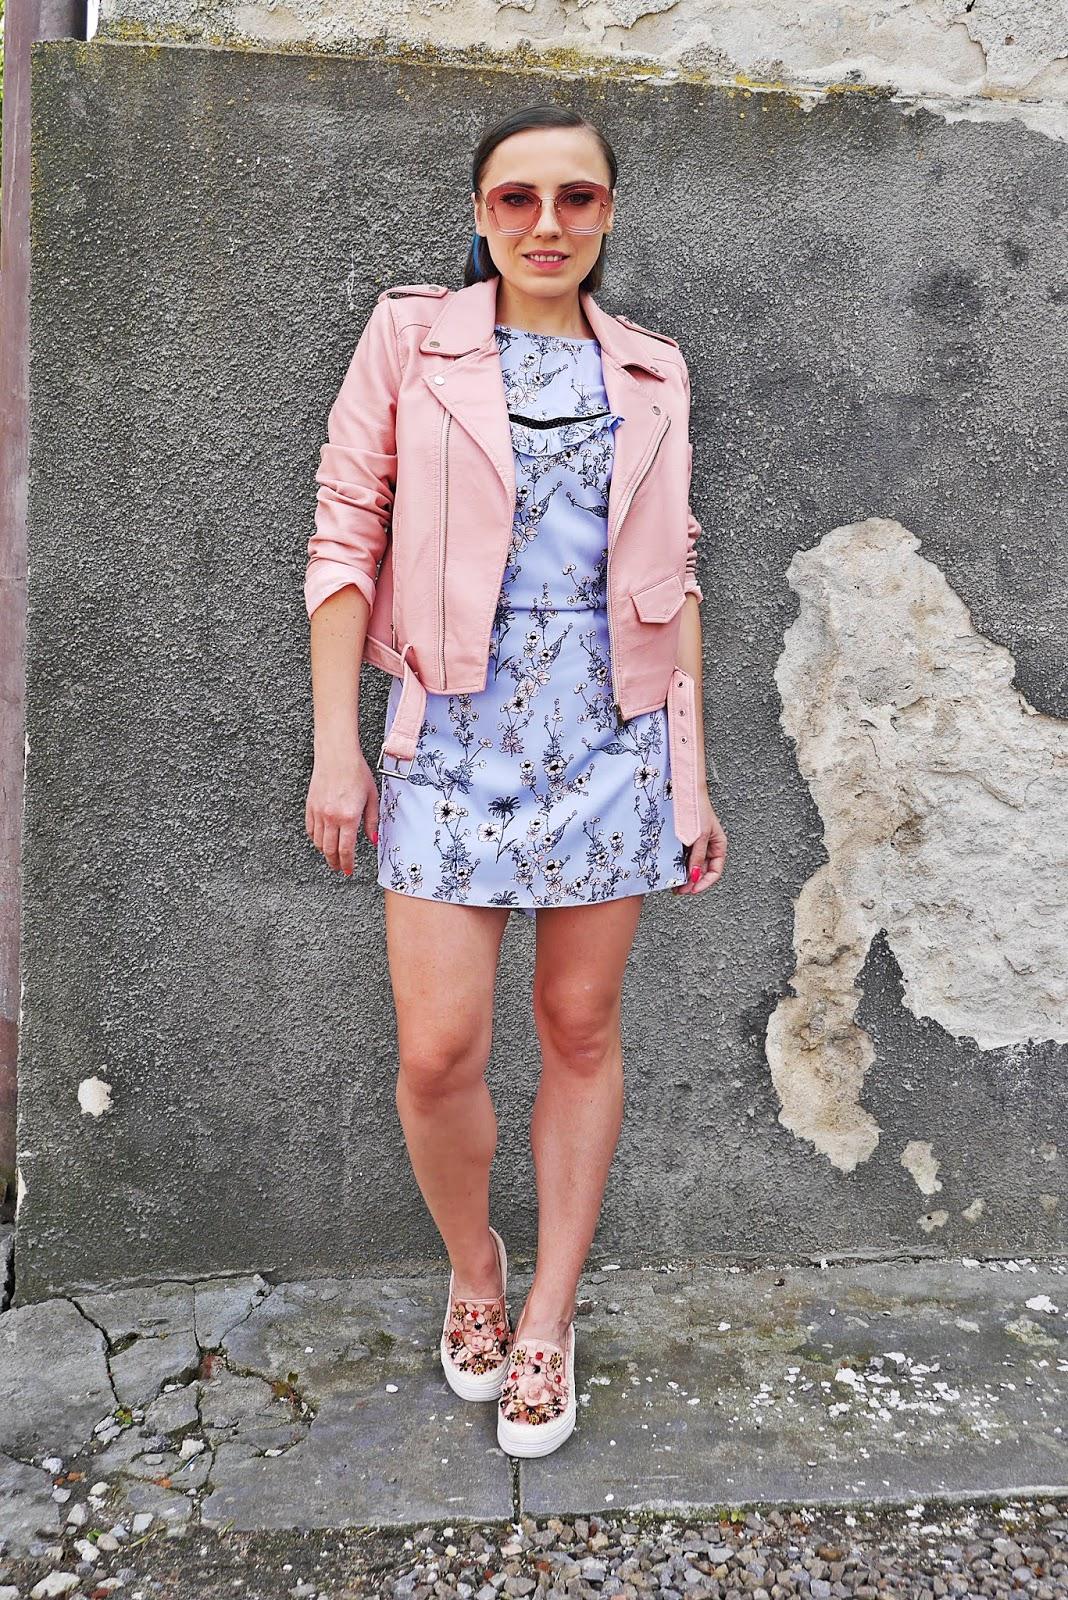 1_sukienka_w_kwaity_bonprix_rozowa_ramoneska_buty_renee_karyn_blog_modowy_200518